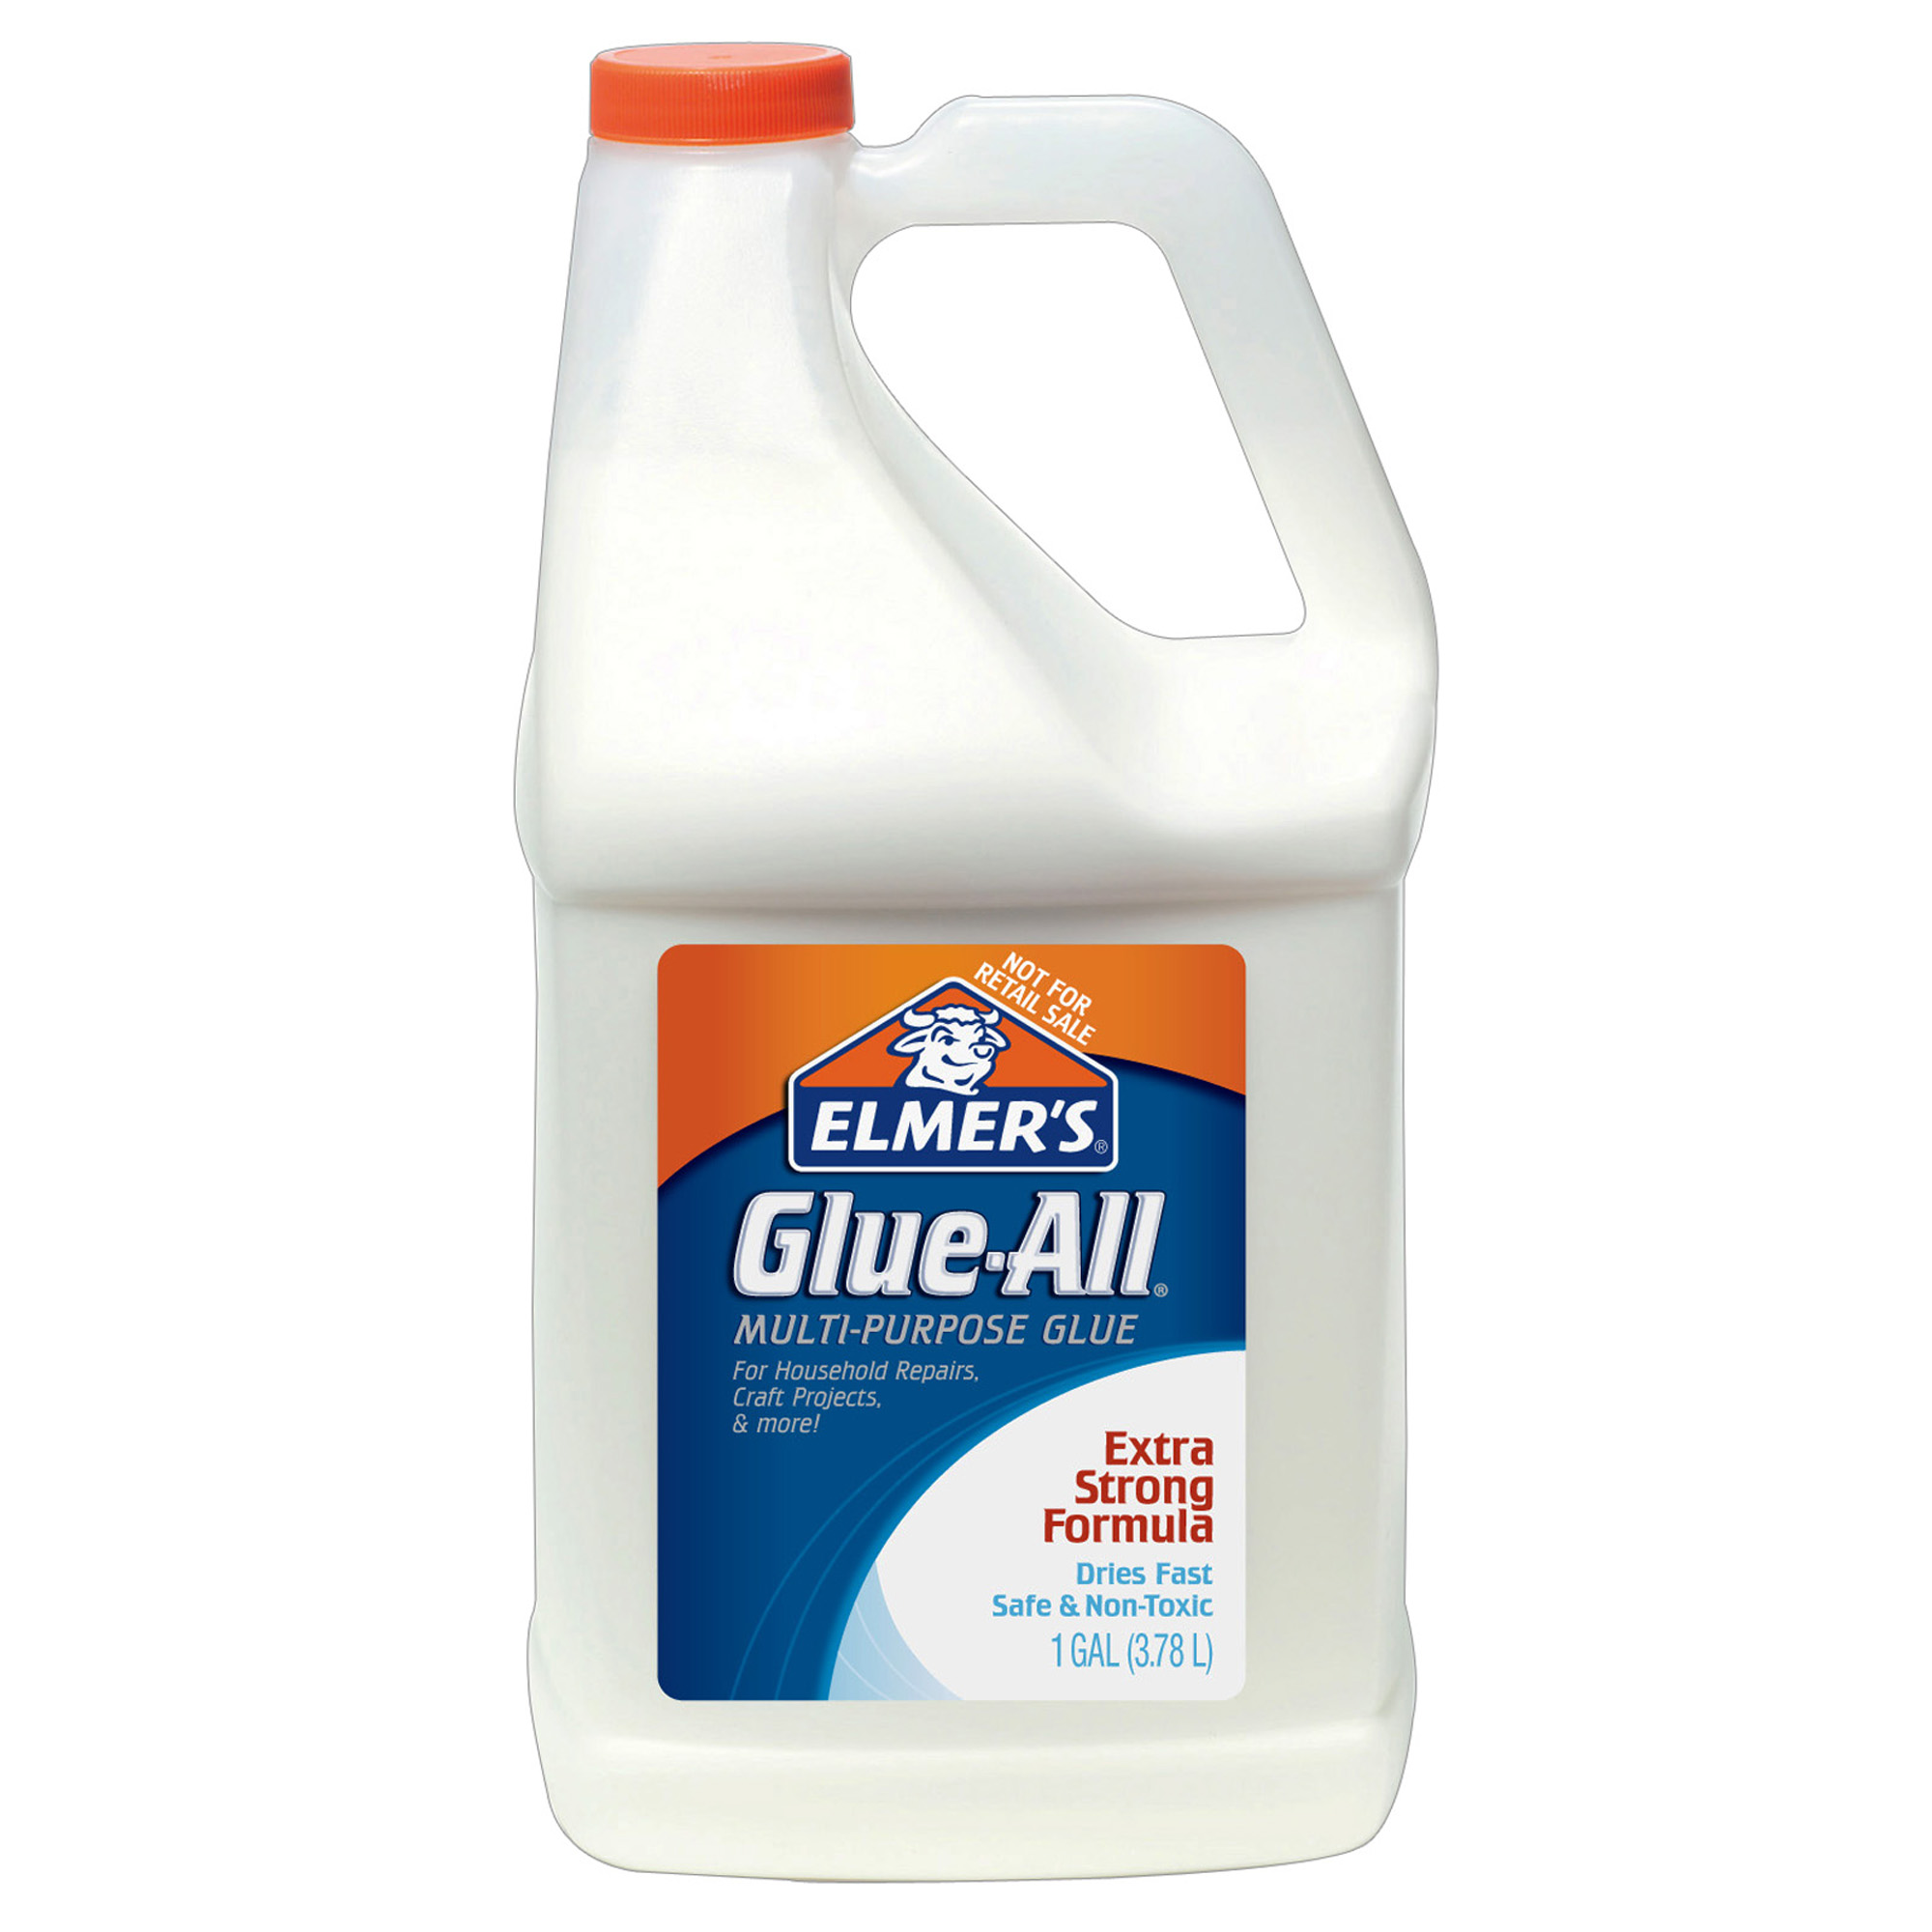 Elmers Glue-All Multipurpose Glue, Gallon by SANFORD LP - ELMER'S